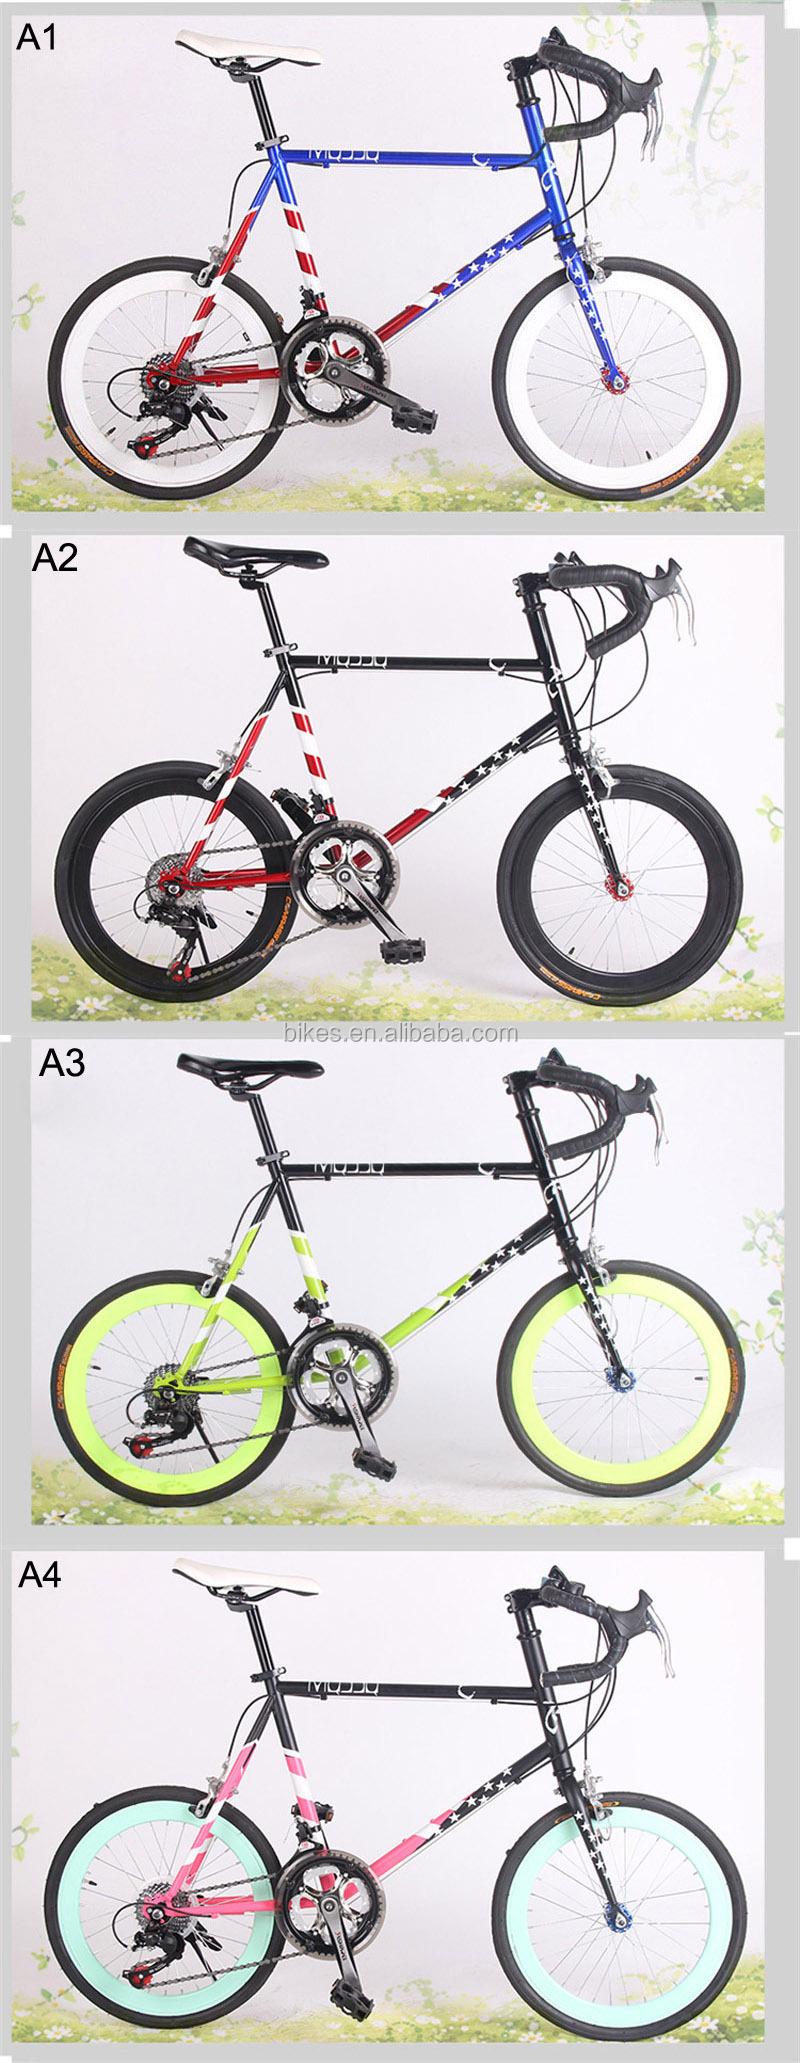 21 Velocidad 20 Pulgadas Bicicleta Marco De Acero Ciclo V-brake ...